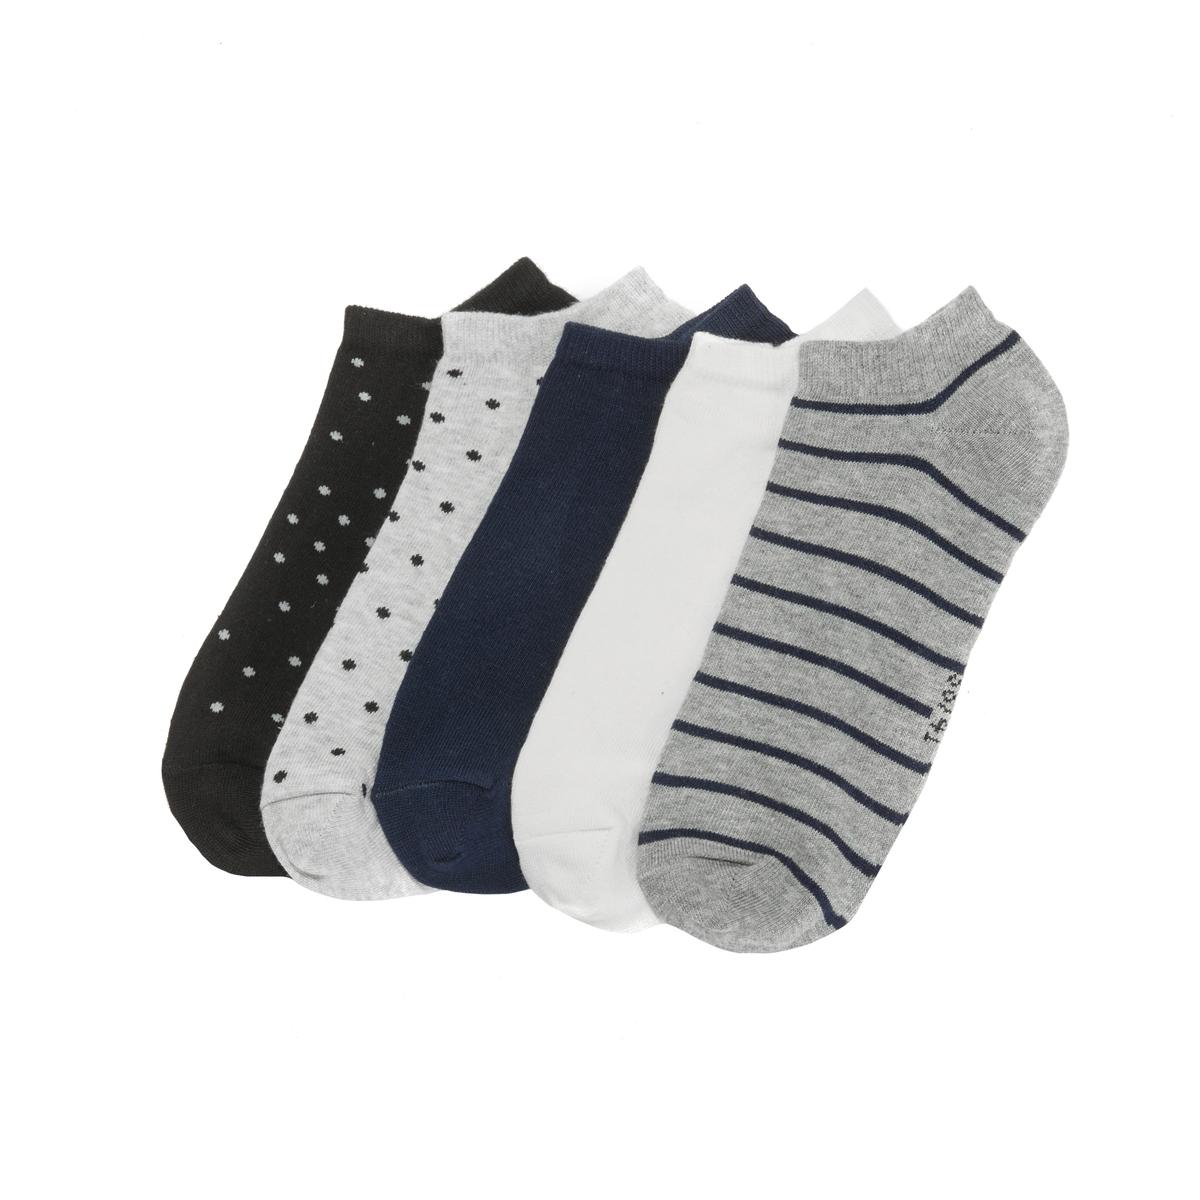 Lote de 5 pares de calcetines cortos